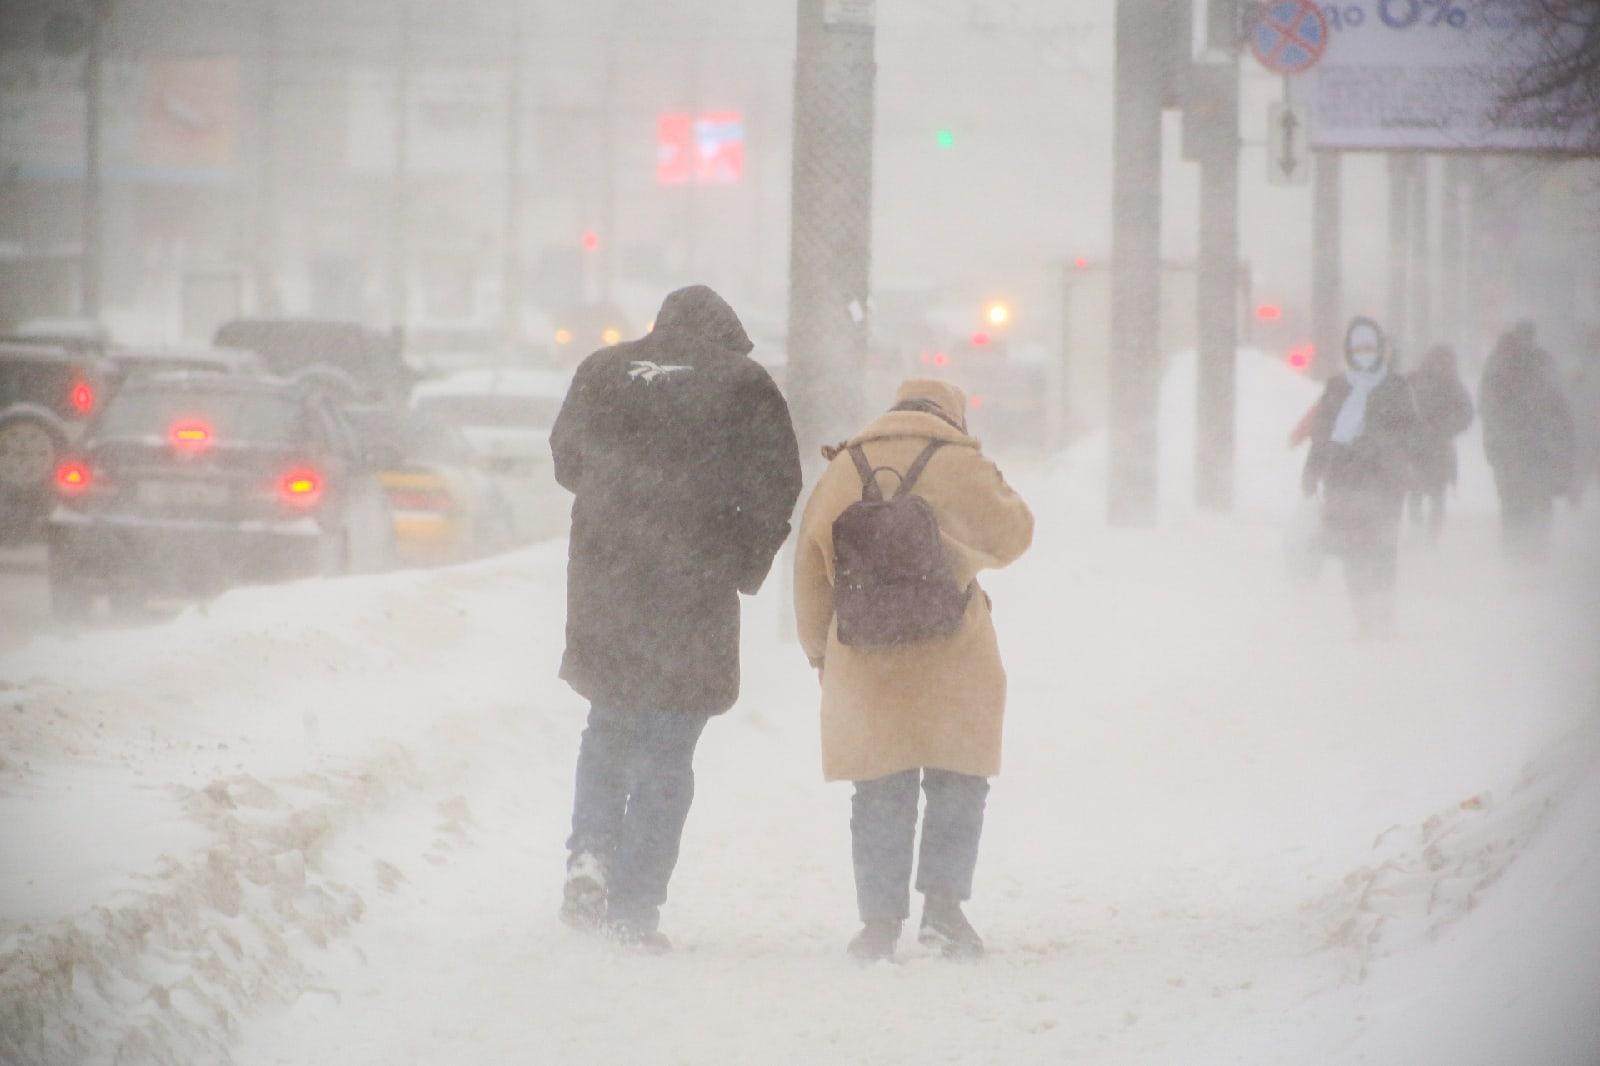 фото Новосибирск накрыла ледяная буря: 10 фото из снежного плена 2